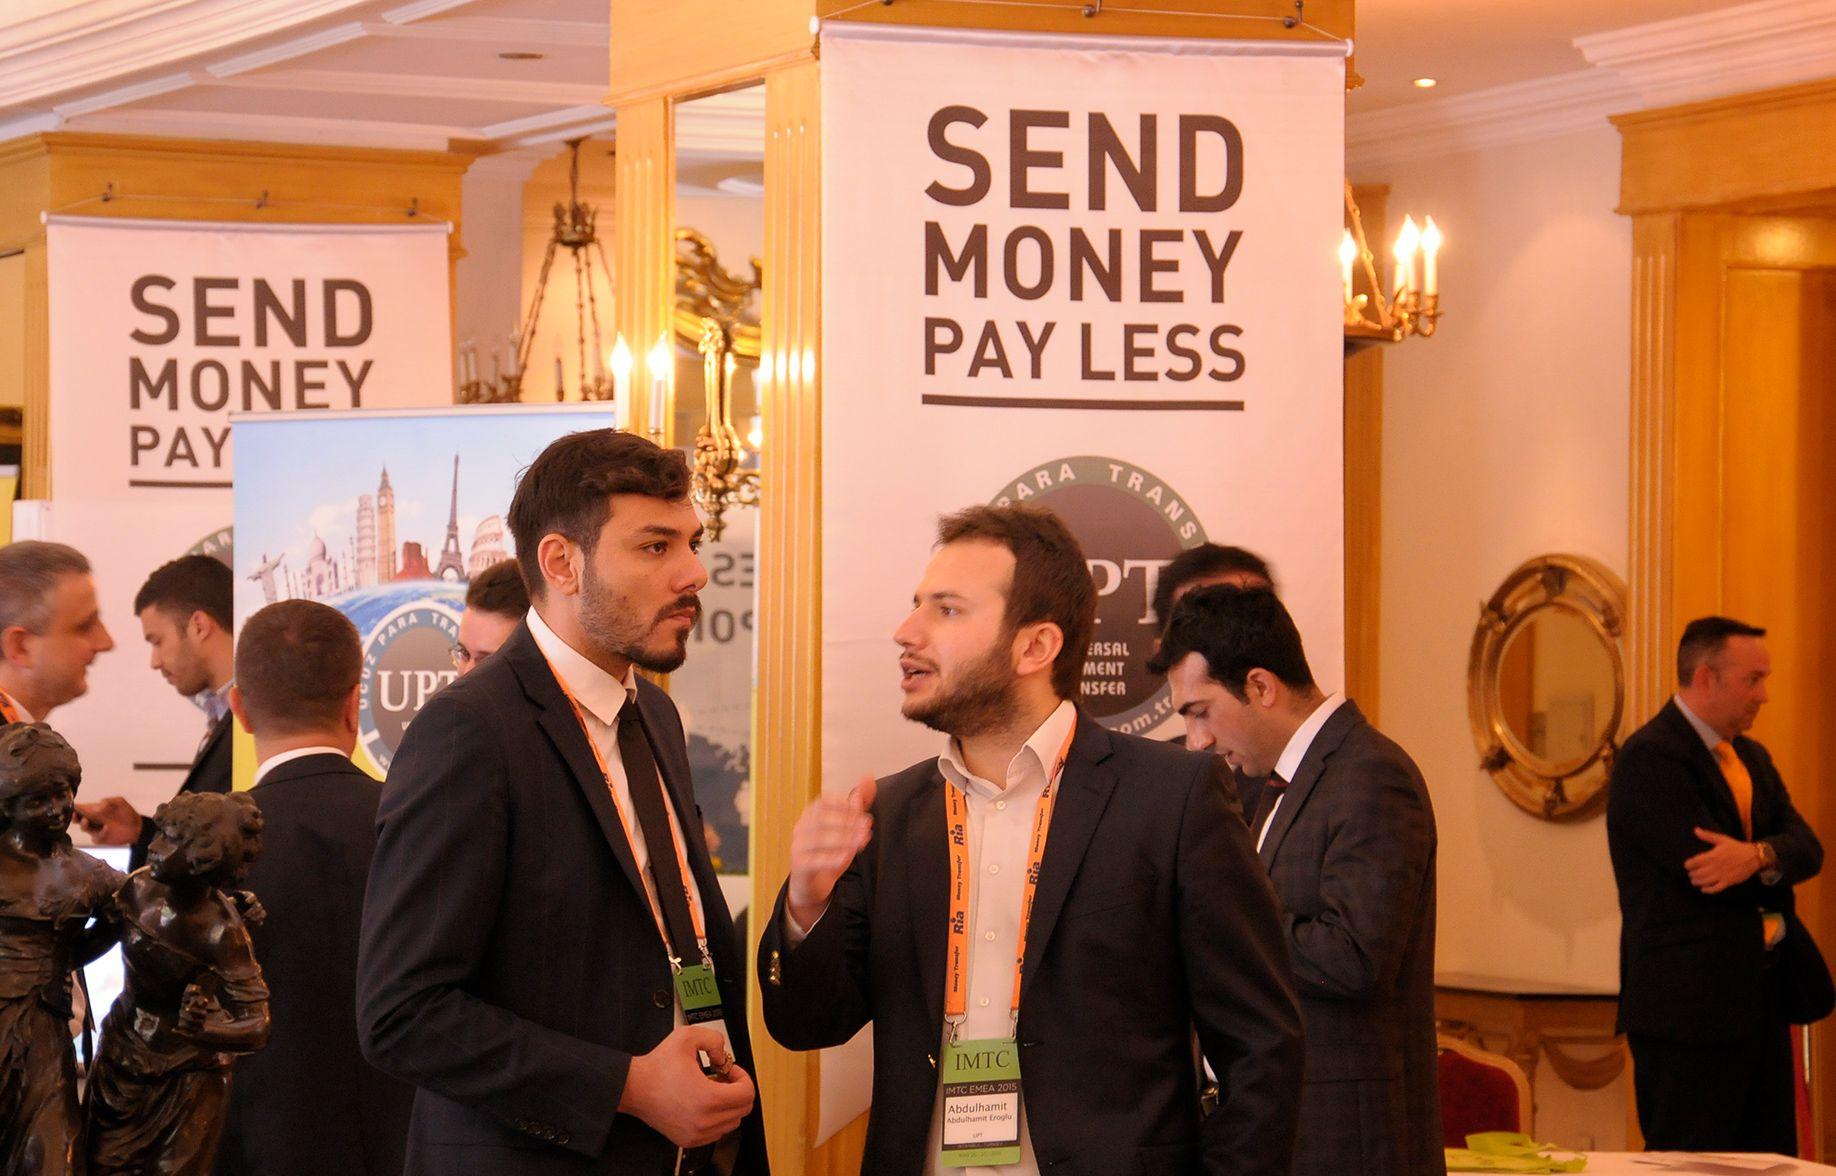 Madrid, sede de la Tercera Conferencia Europea de Transferencia de Dinero, Remesas y Pagos IMTC EMEA 2017